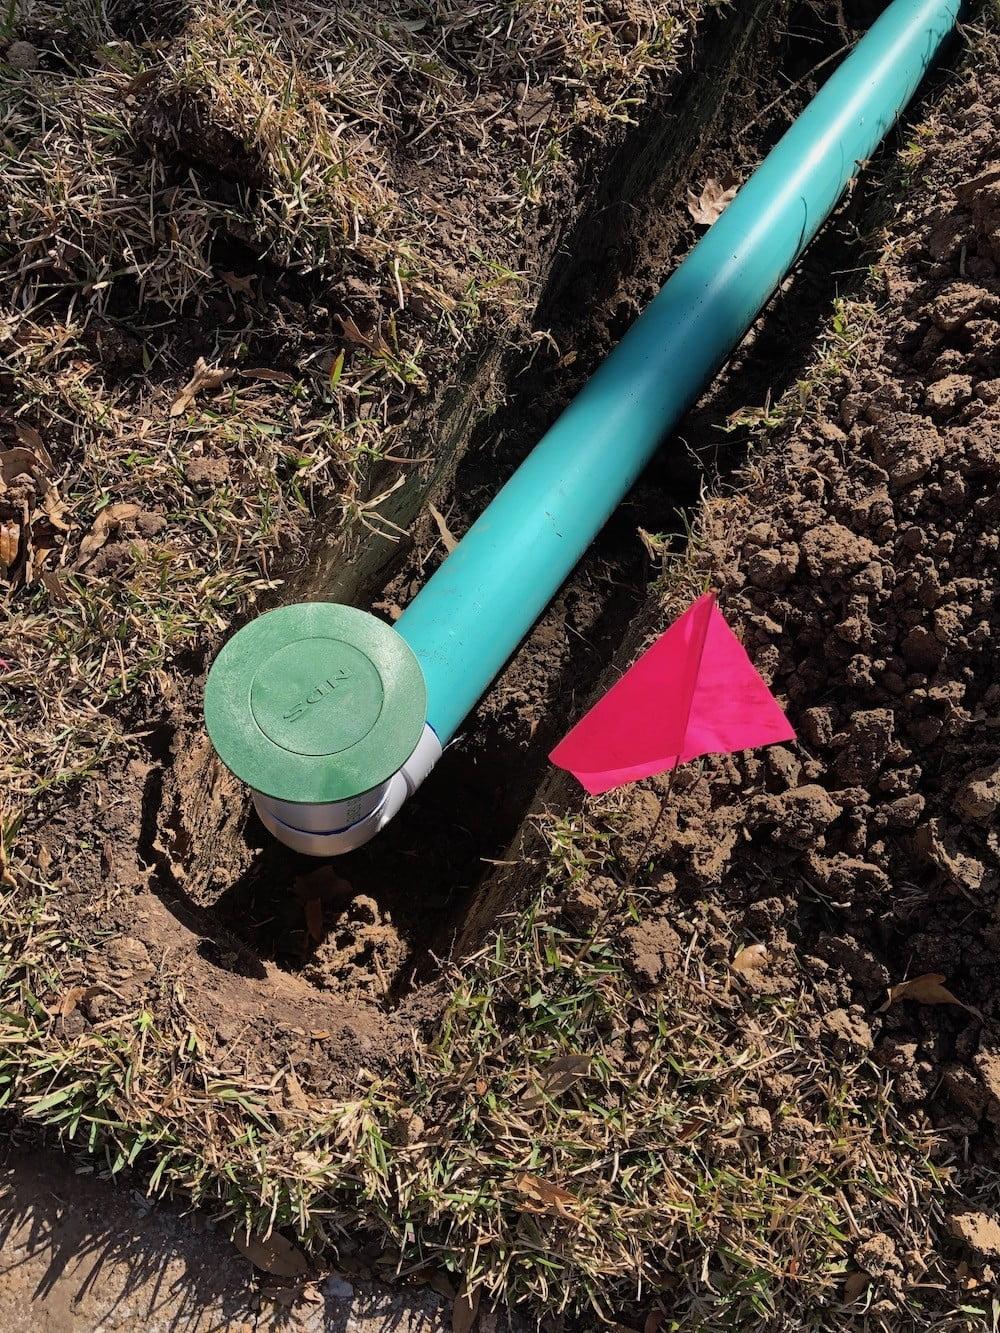 landscape drainage pop-up emitter houston texas